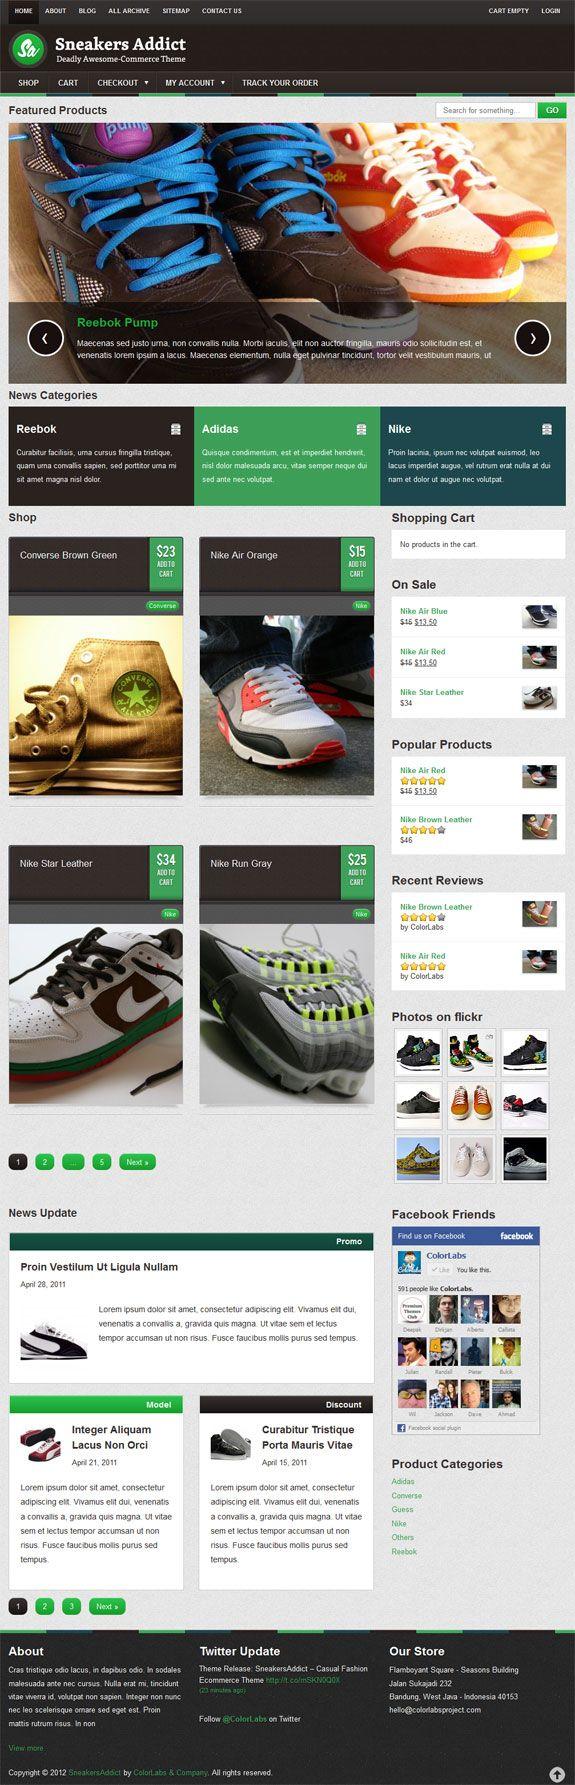 Best Premium Theme For #e-commerce Website